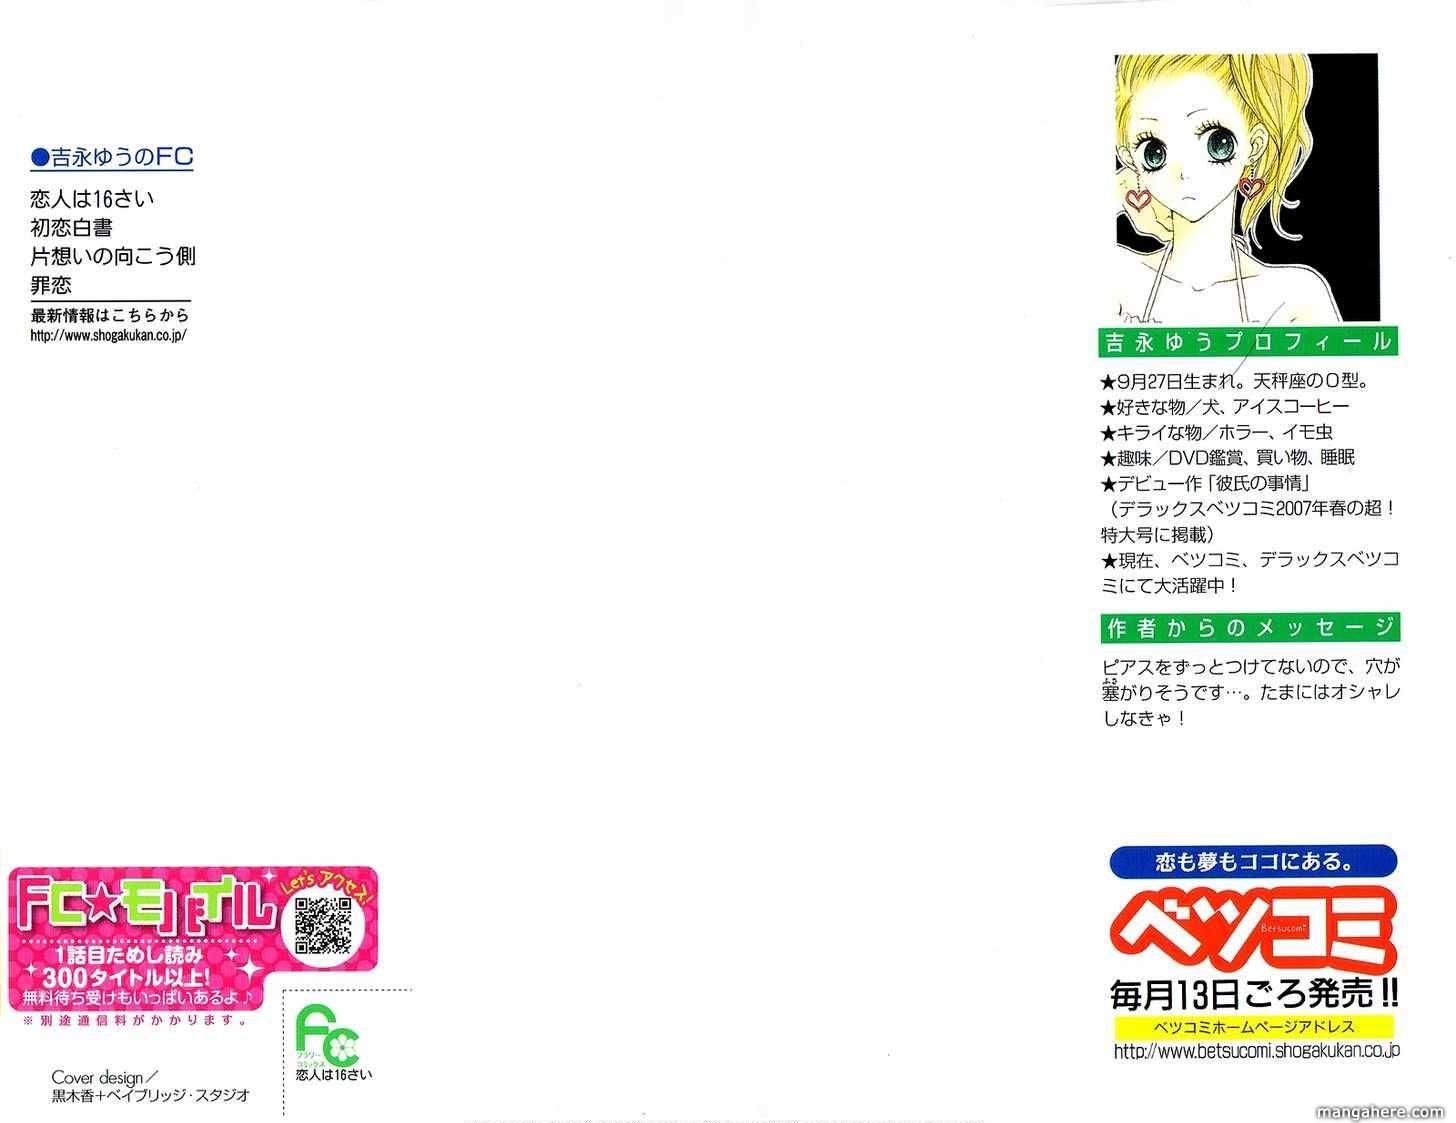 Koibito Wa 16-Sai 1 Page 2